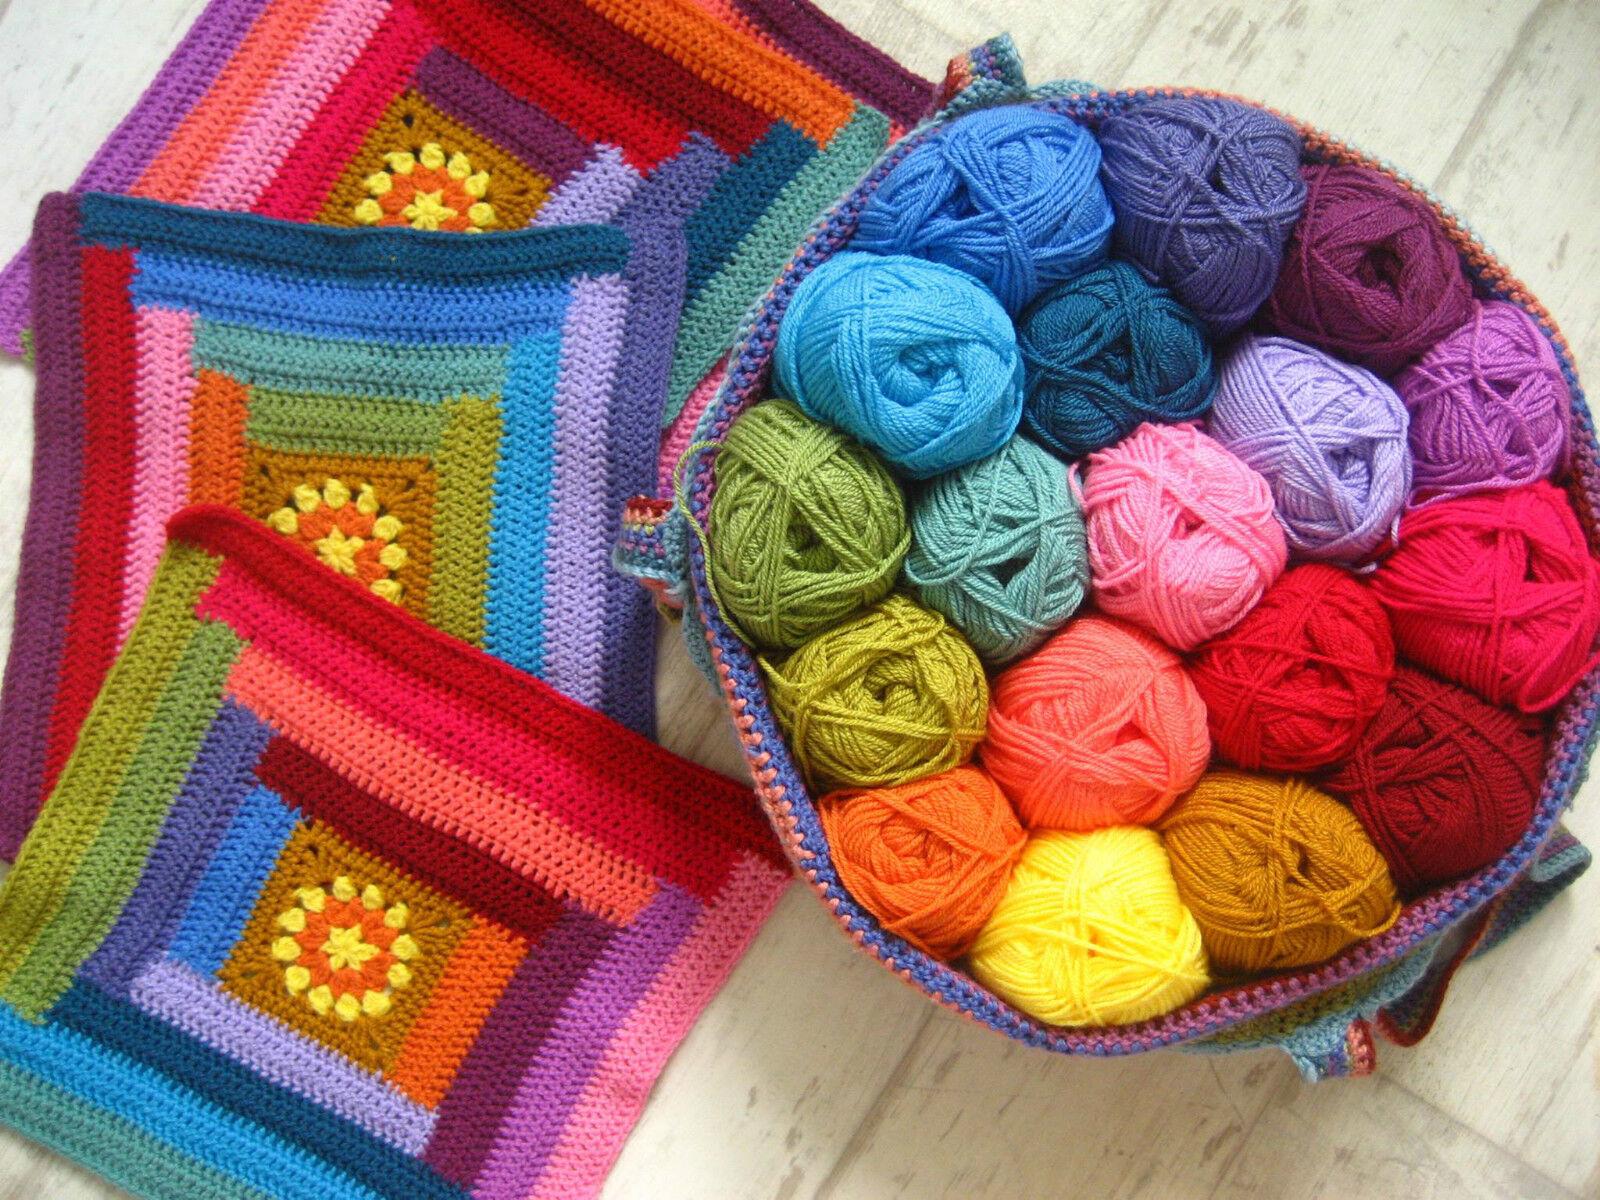 1302 DENIM Yarn 100g Stylecraft Special DK Knitting Wool